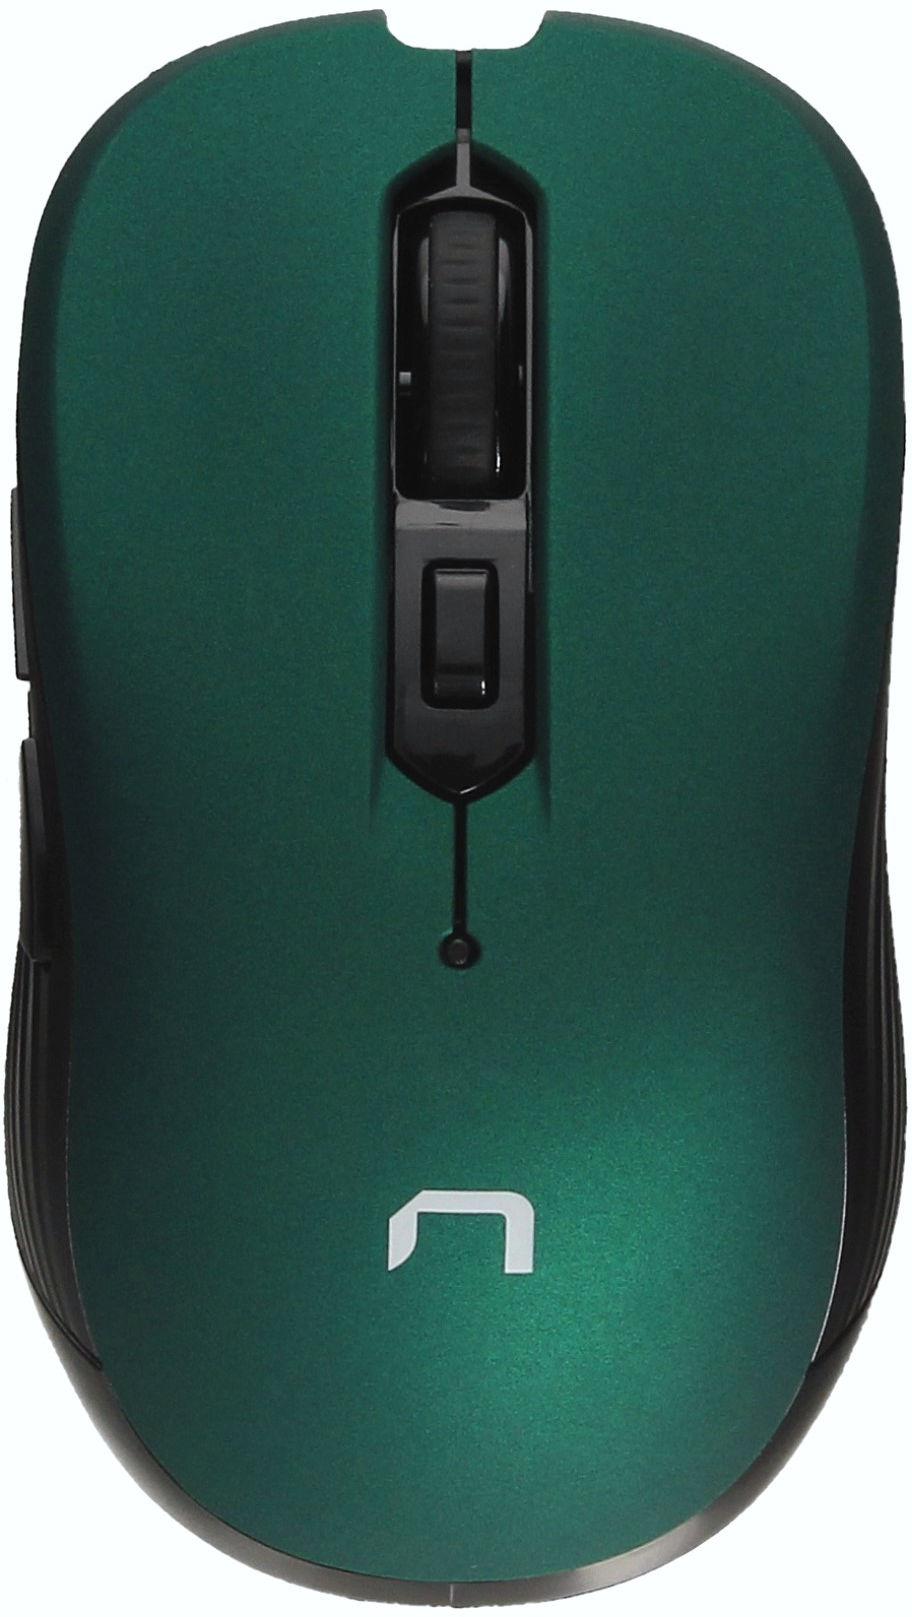 Mysz optyczna bezprzewodowa USB zielona Natec Robin